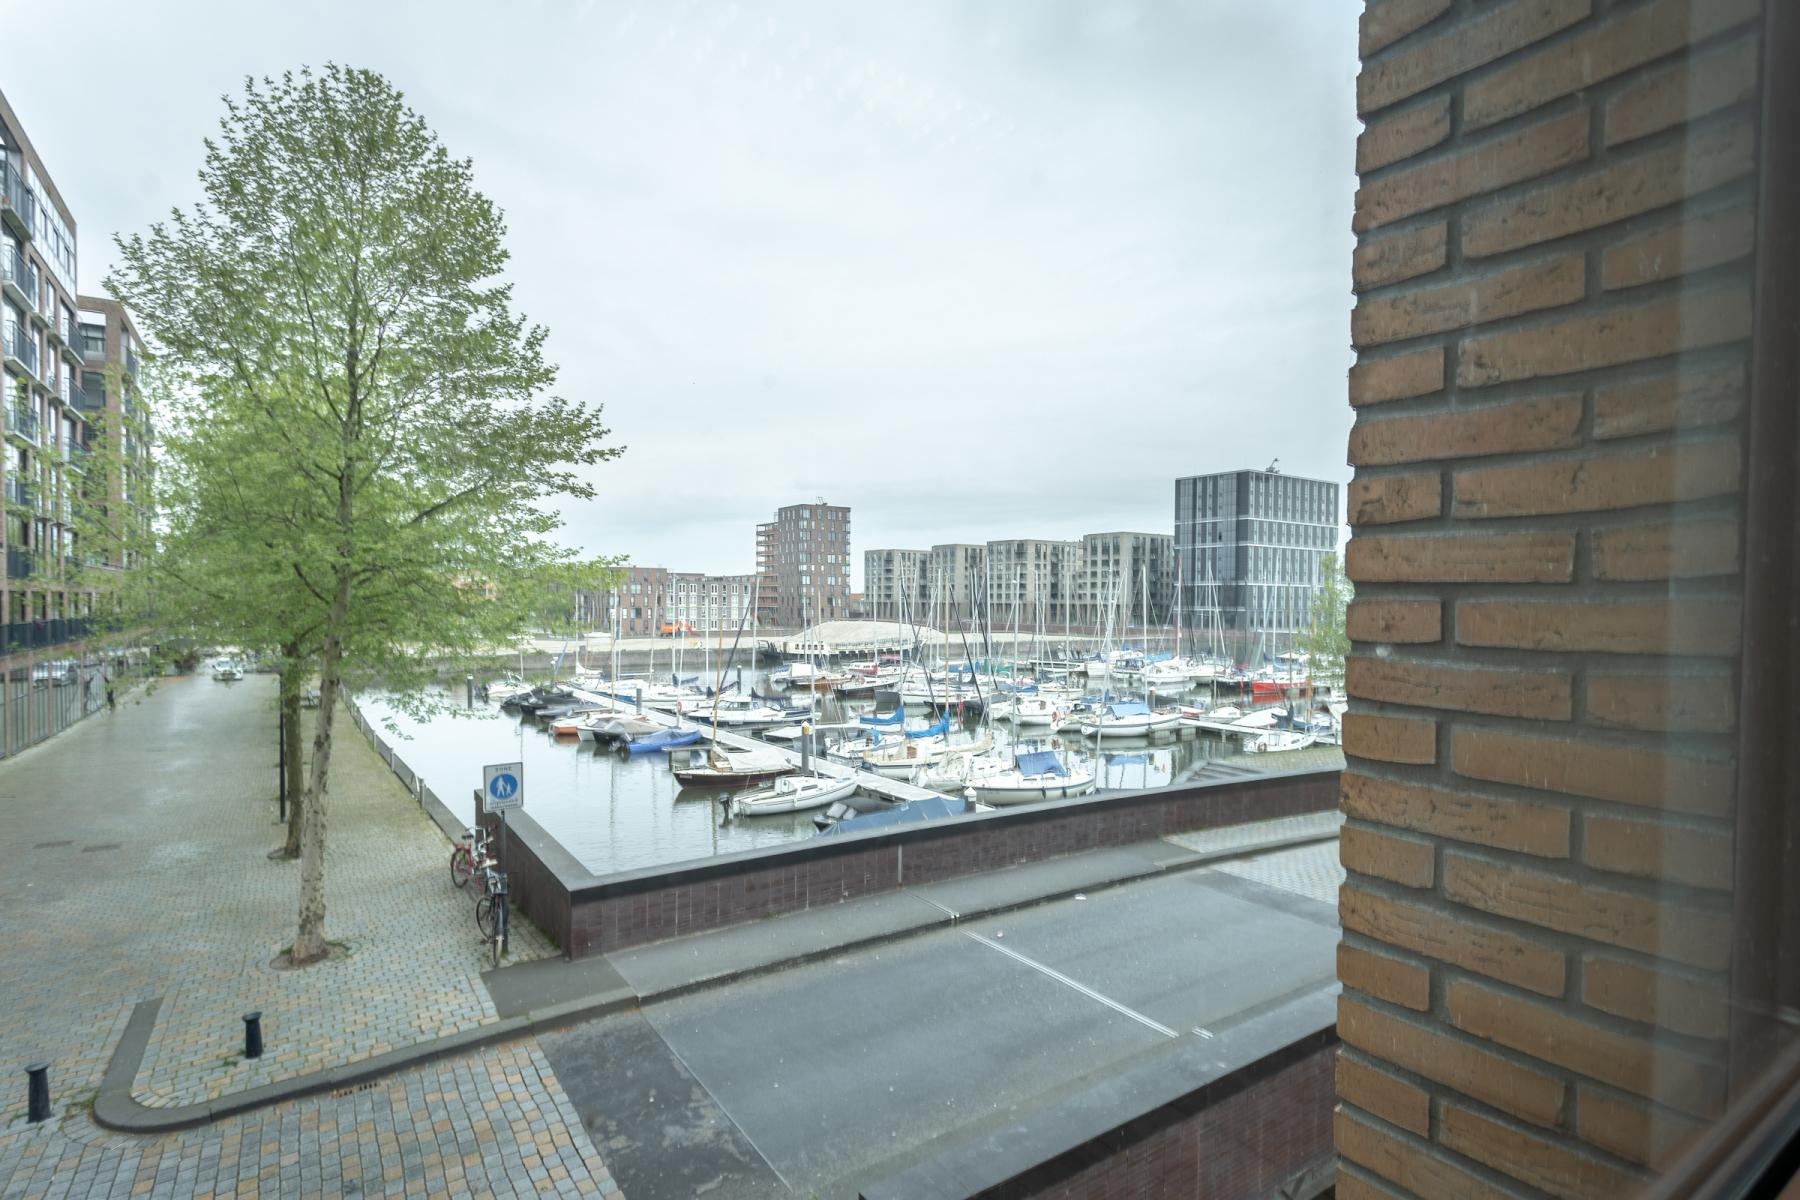 krijn taconiskade amsterdam ijburg zeeburg kantoorruimte kantoorkamers kantoorvleugel netjes bij de jachthaven